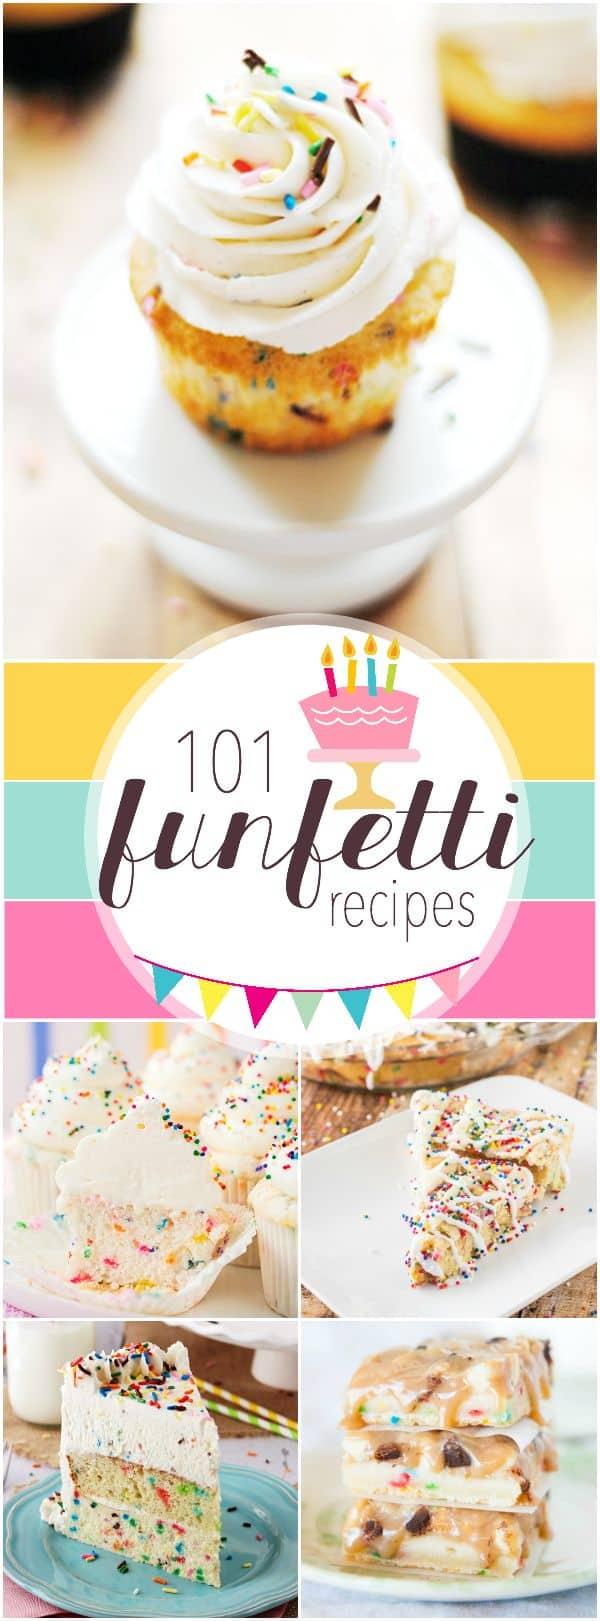 101 Funfetti Recipes